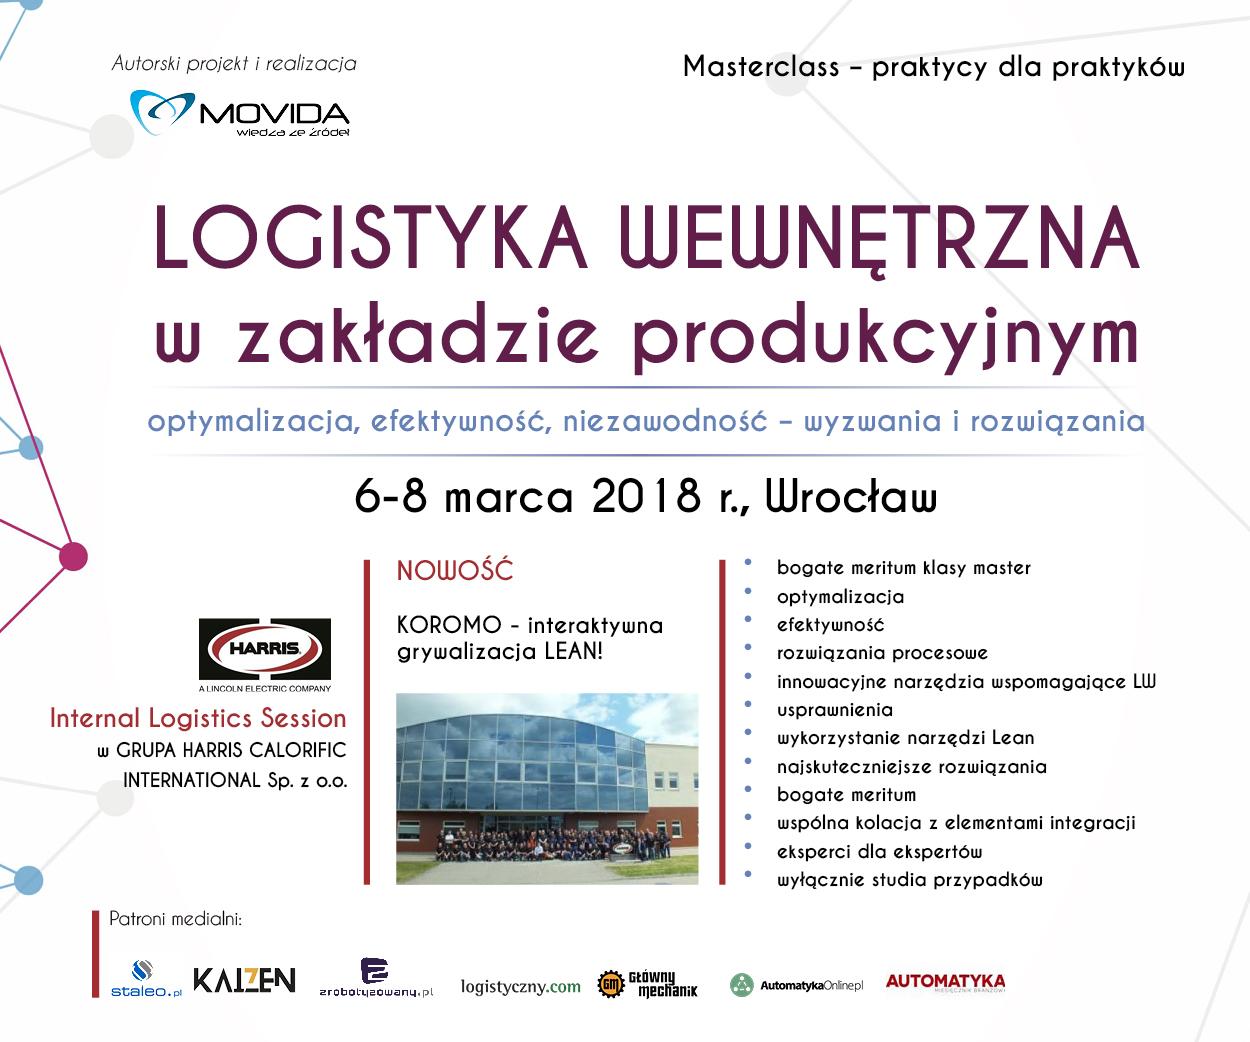 Zapowiedź konferencji Logistyka wewnętrzna